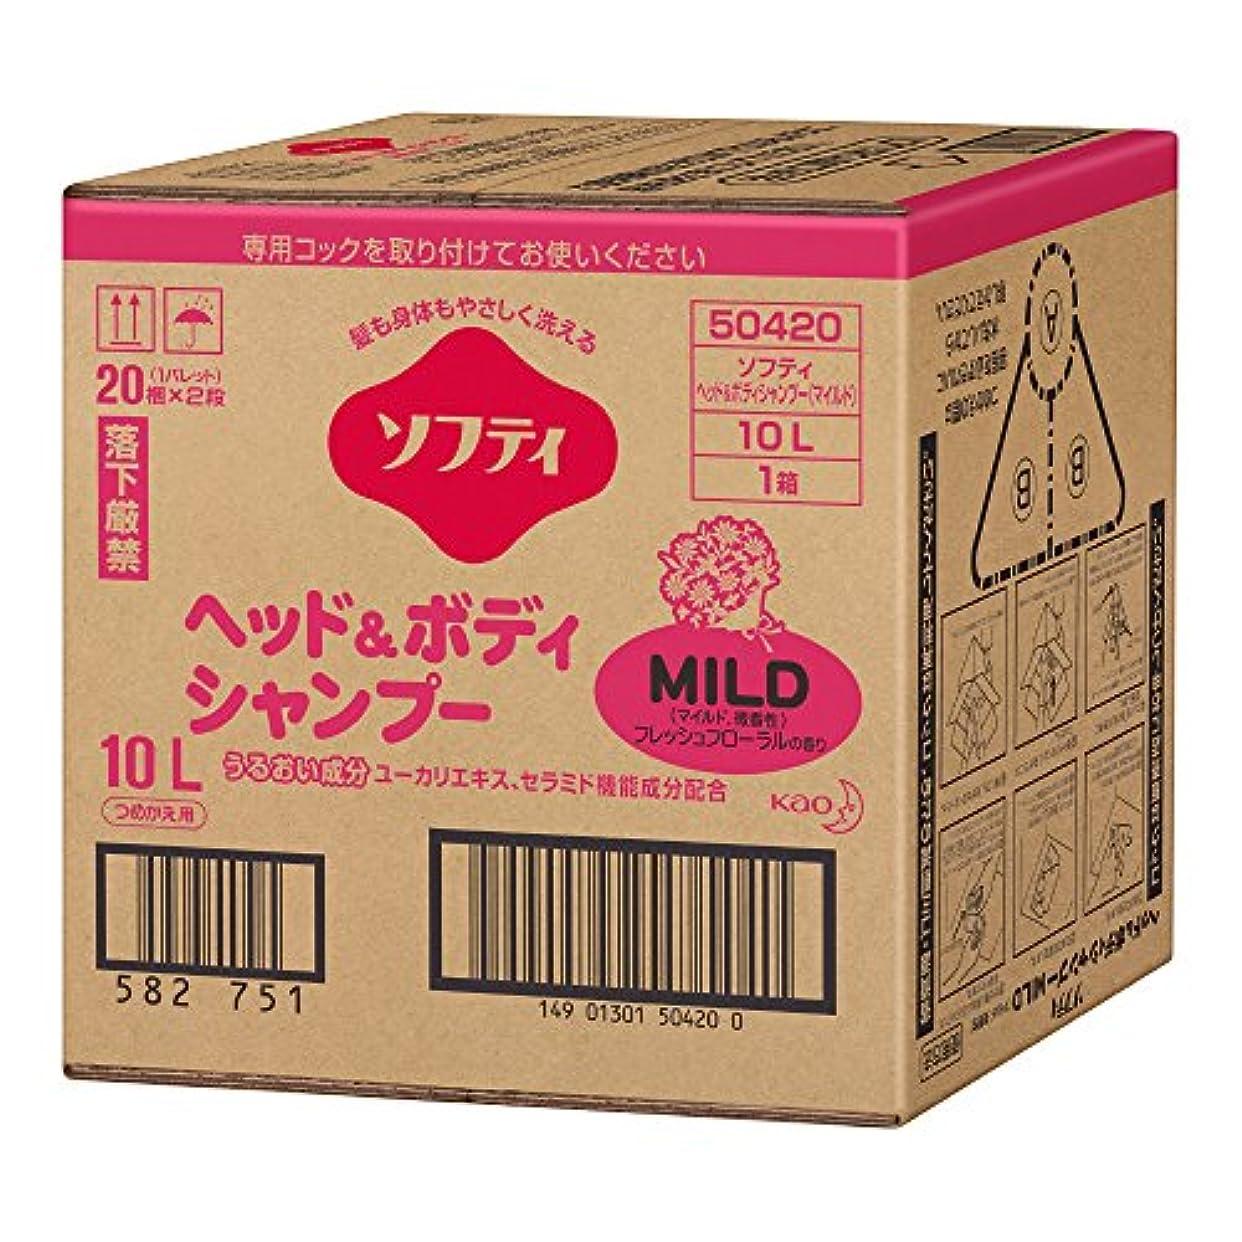 報酬の政策原始的なソフティ ヘッド&ボディシャンプーMILD(マイルド) 10L バッグインボックスタイプ (花王プロフェッショナルシリーズ)